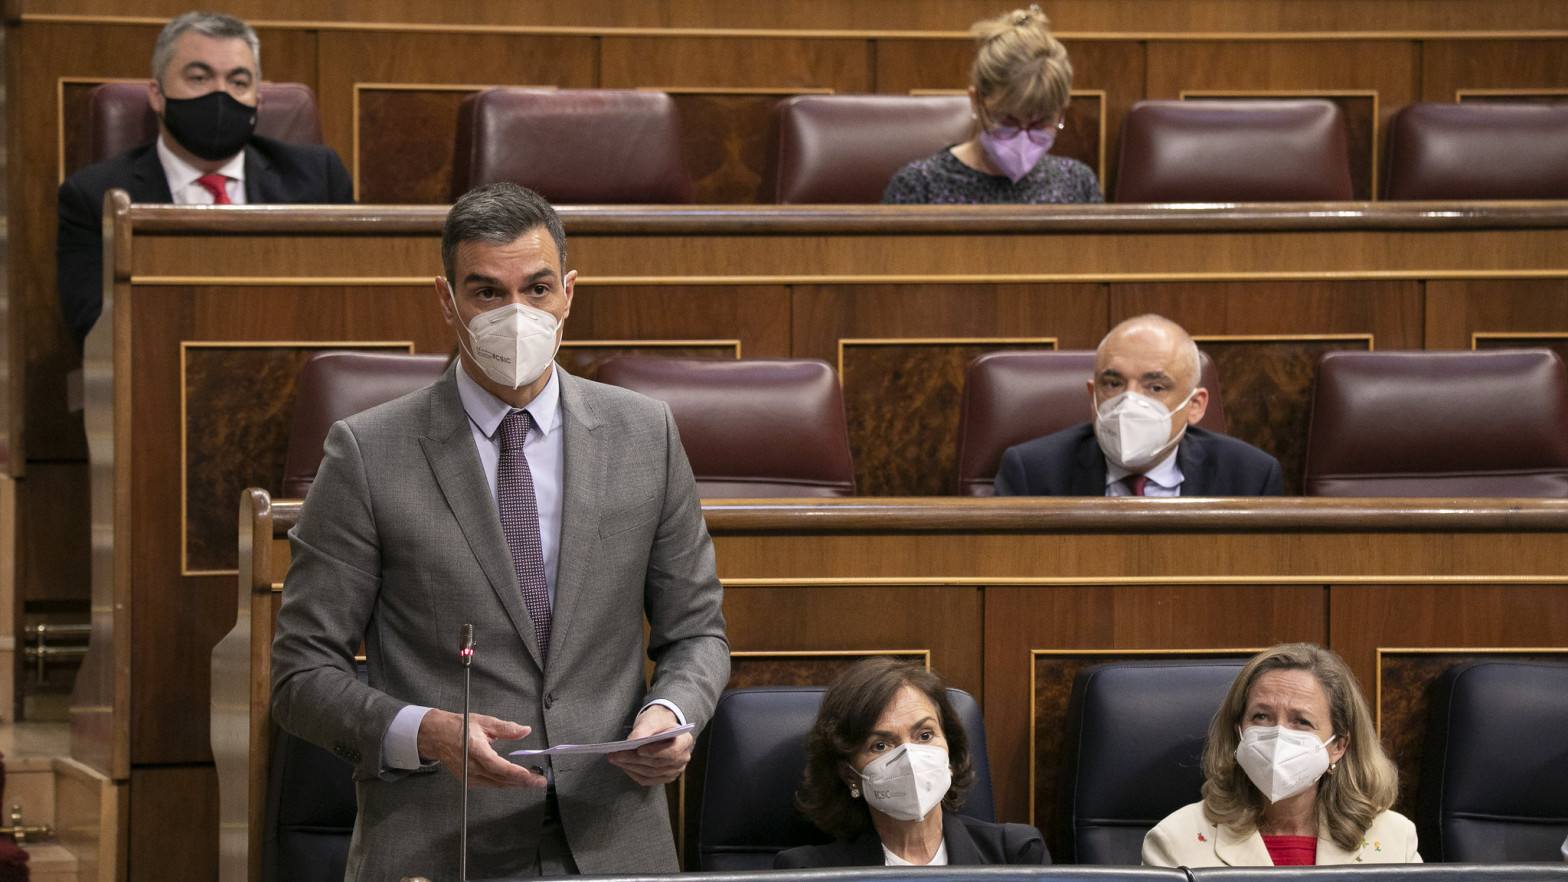 El Gobierno teme una derrota parlamentaria del decreto que traslada al Supremo la gestión del coronavirus